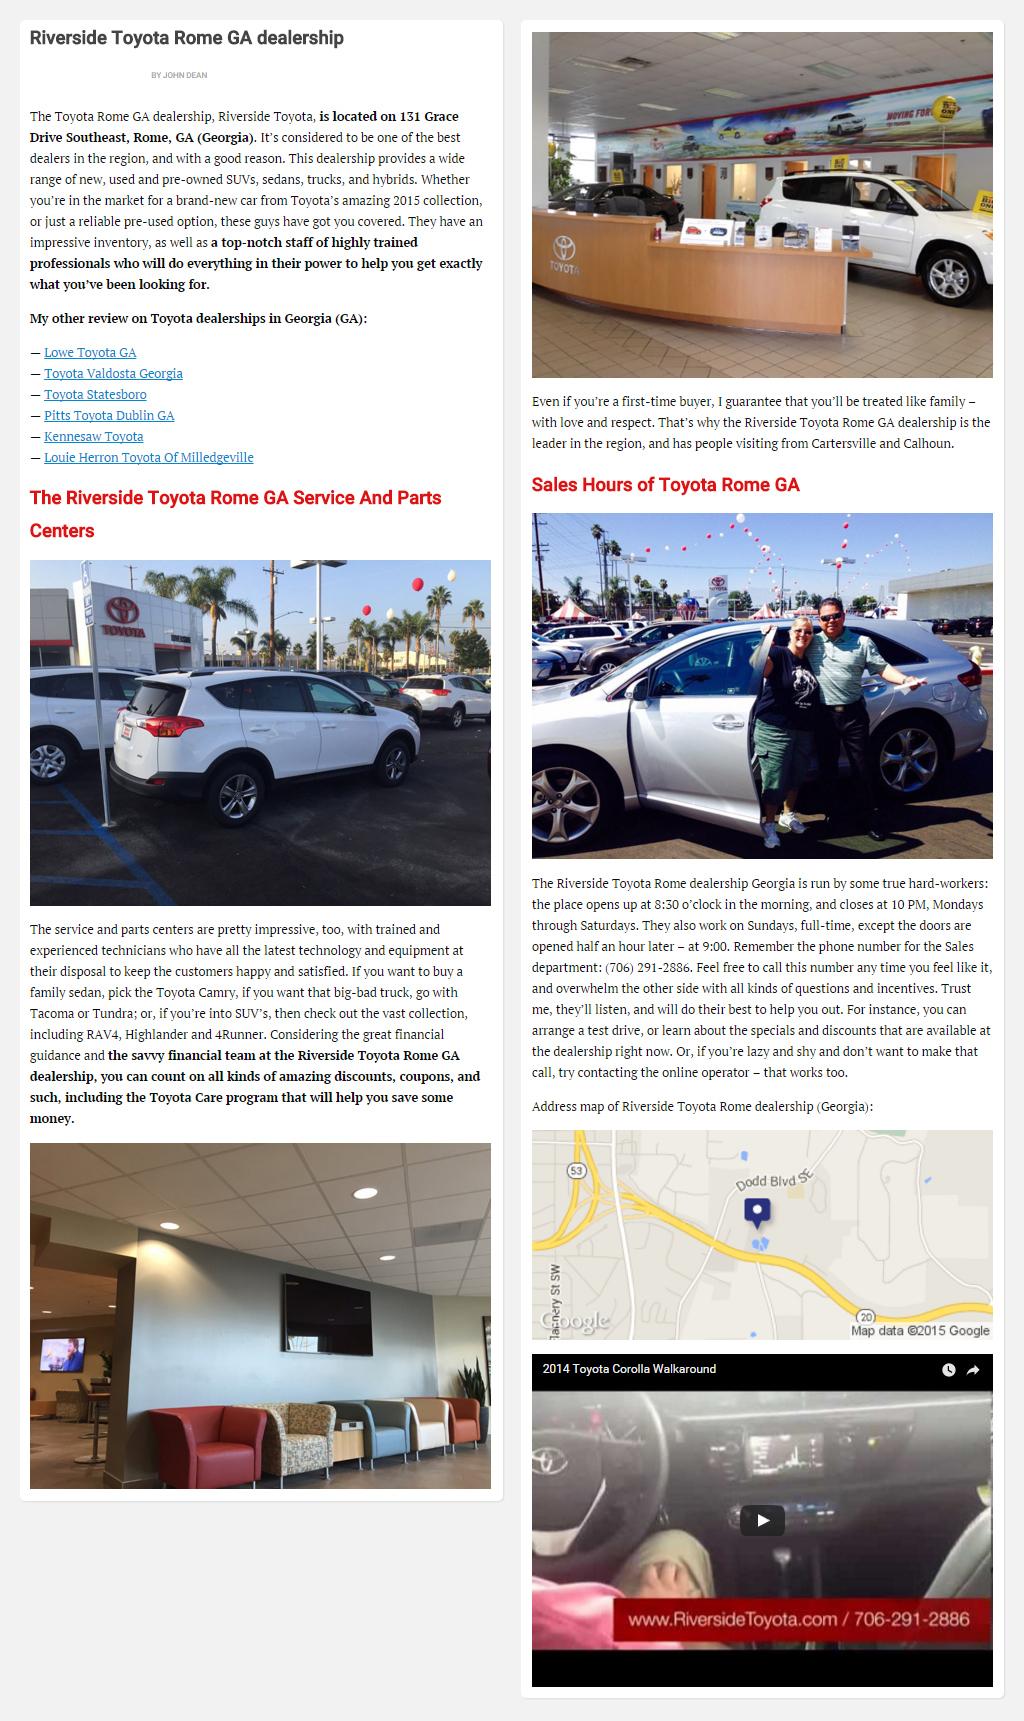 """Постинг статьи """"Riverside Toyota Rome GA dealership"""""""